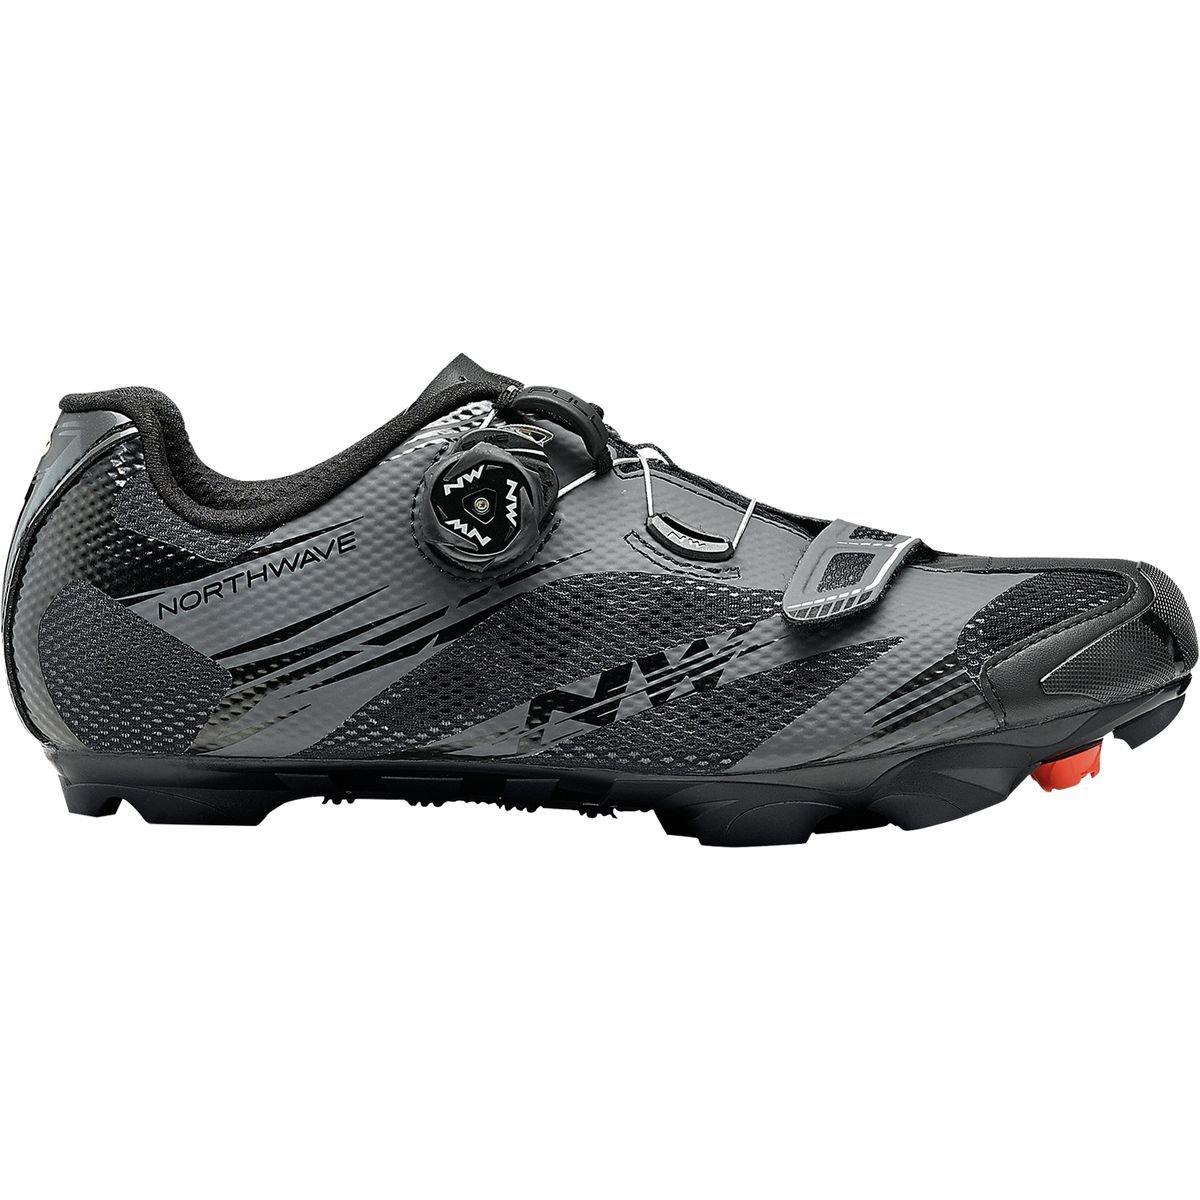 ノースウェーブScorpius 2 Plus Cycling Shoe – Men 's B00IXFW1OM 46|ブラック/アントラシート ブラック/アントラシート 46